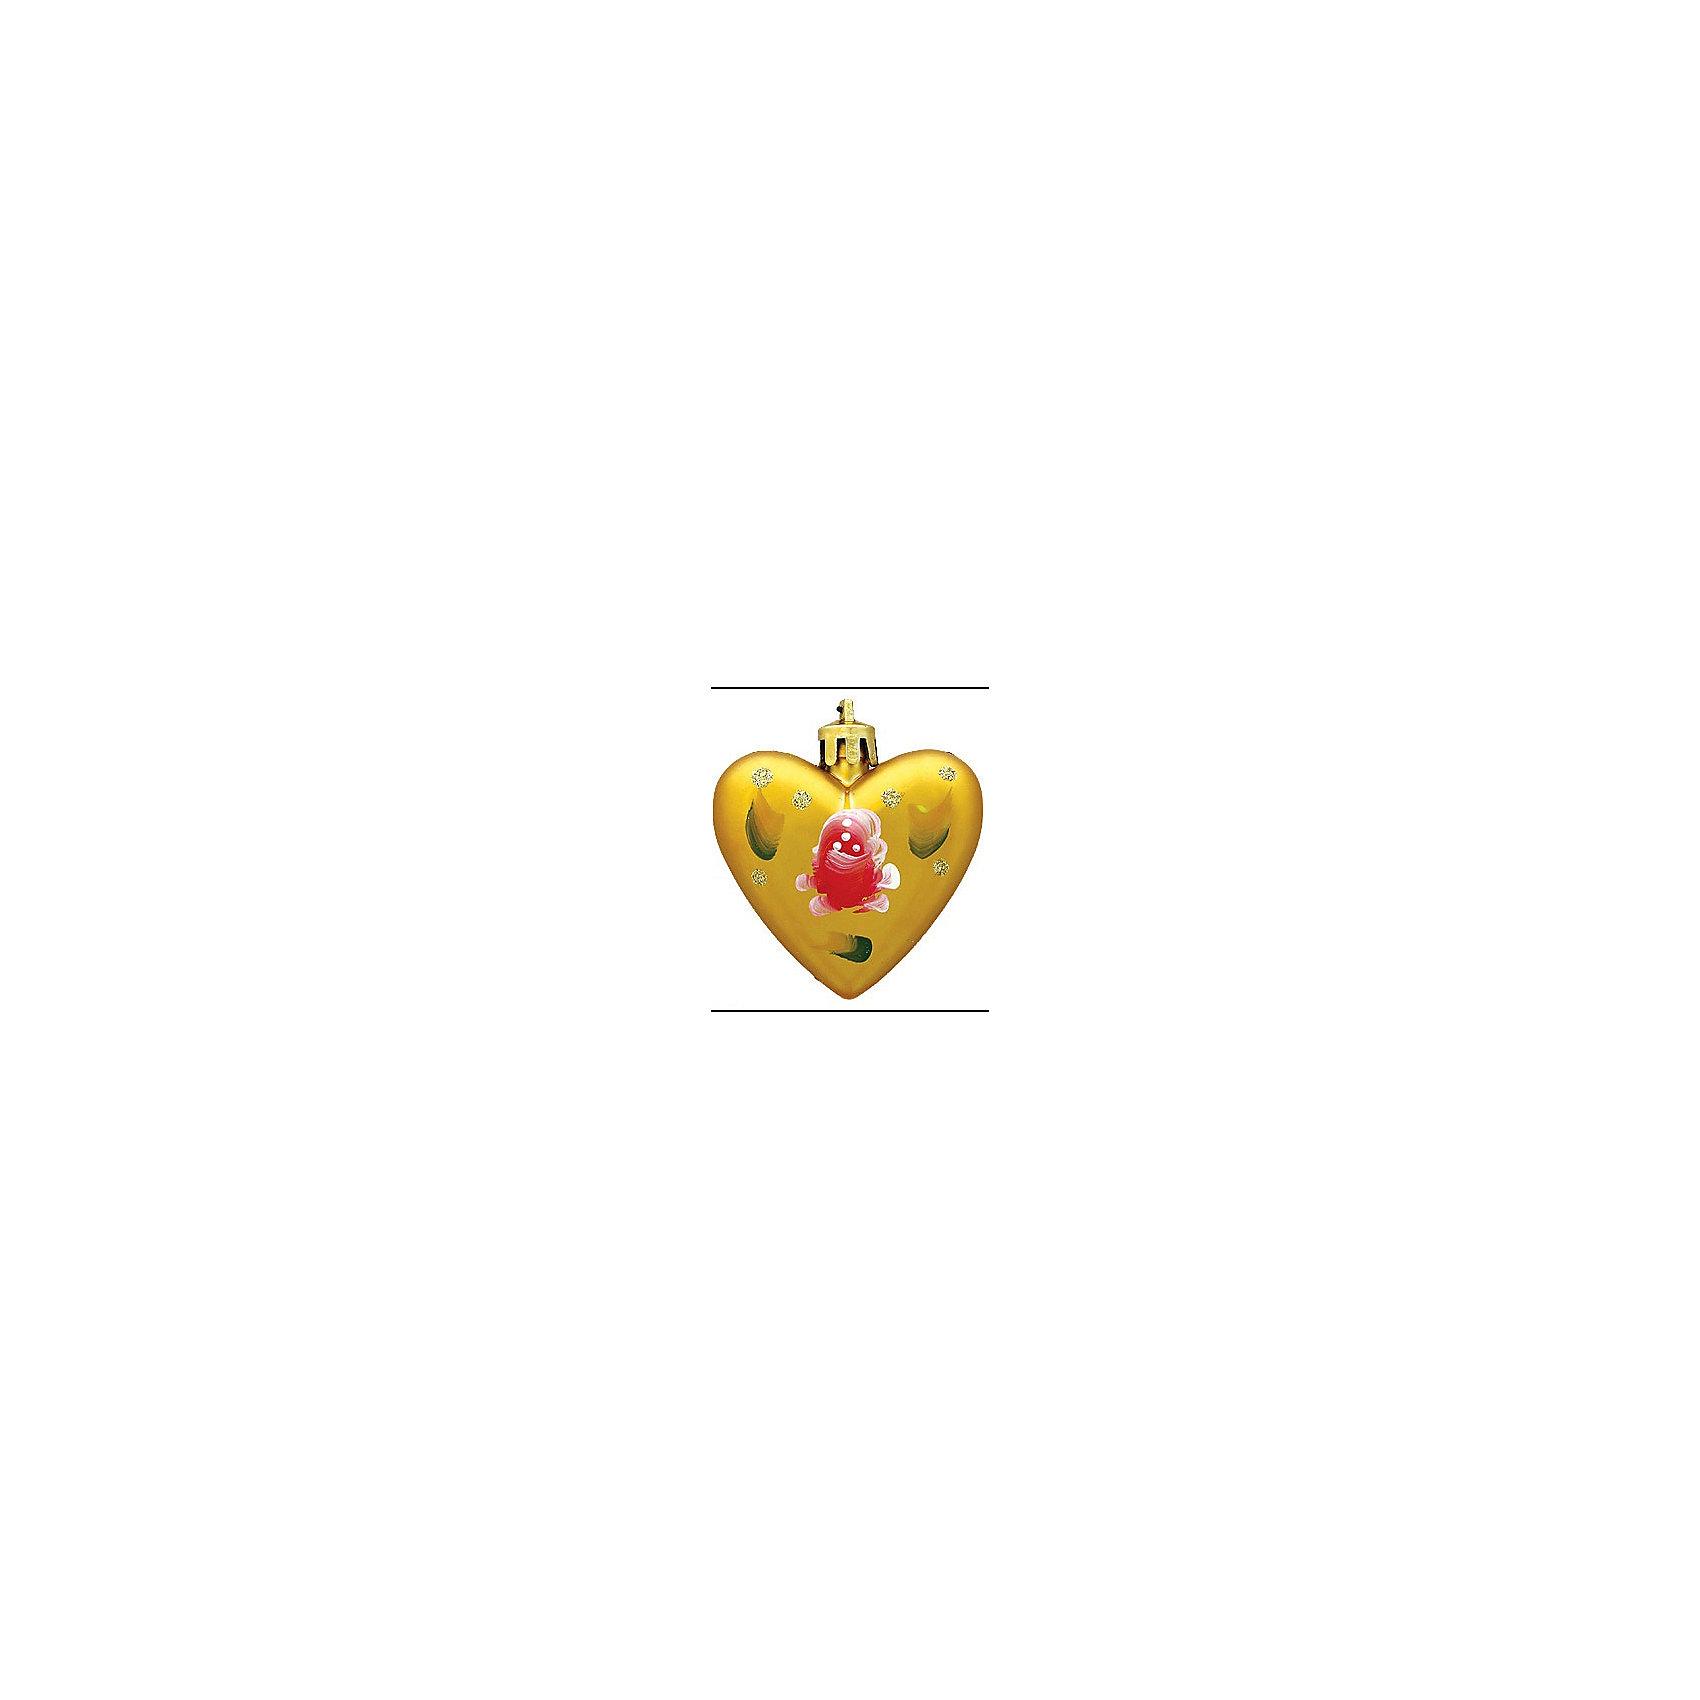 Marko Ferenzo Набор Русская: сердечко 6 см, 4 шт, золото карнавальные аксессуары marko ferenzo набор карнавальный лев